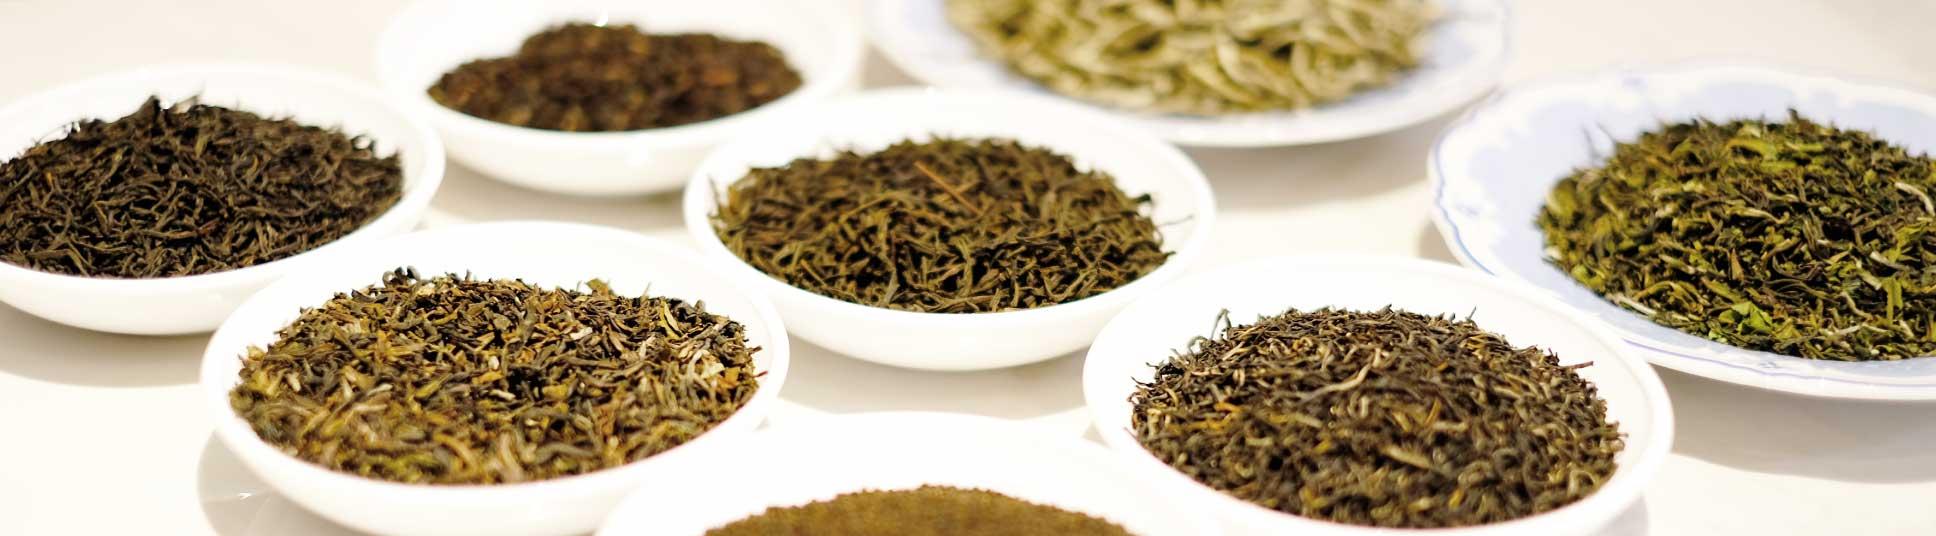 紅茶のグレードについて